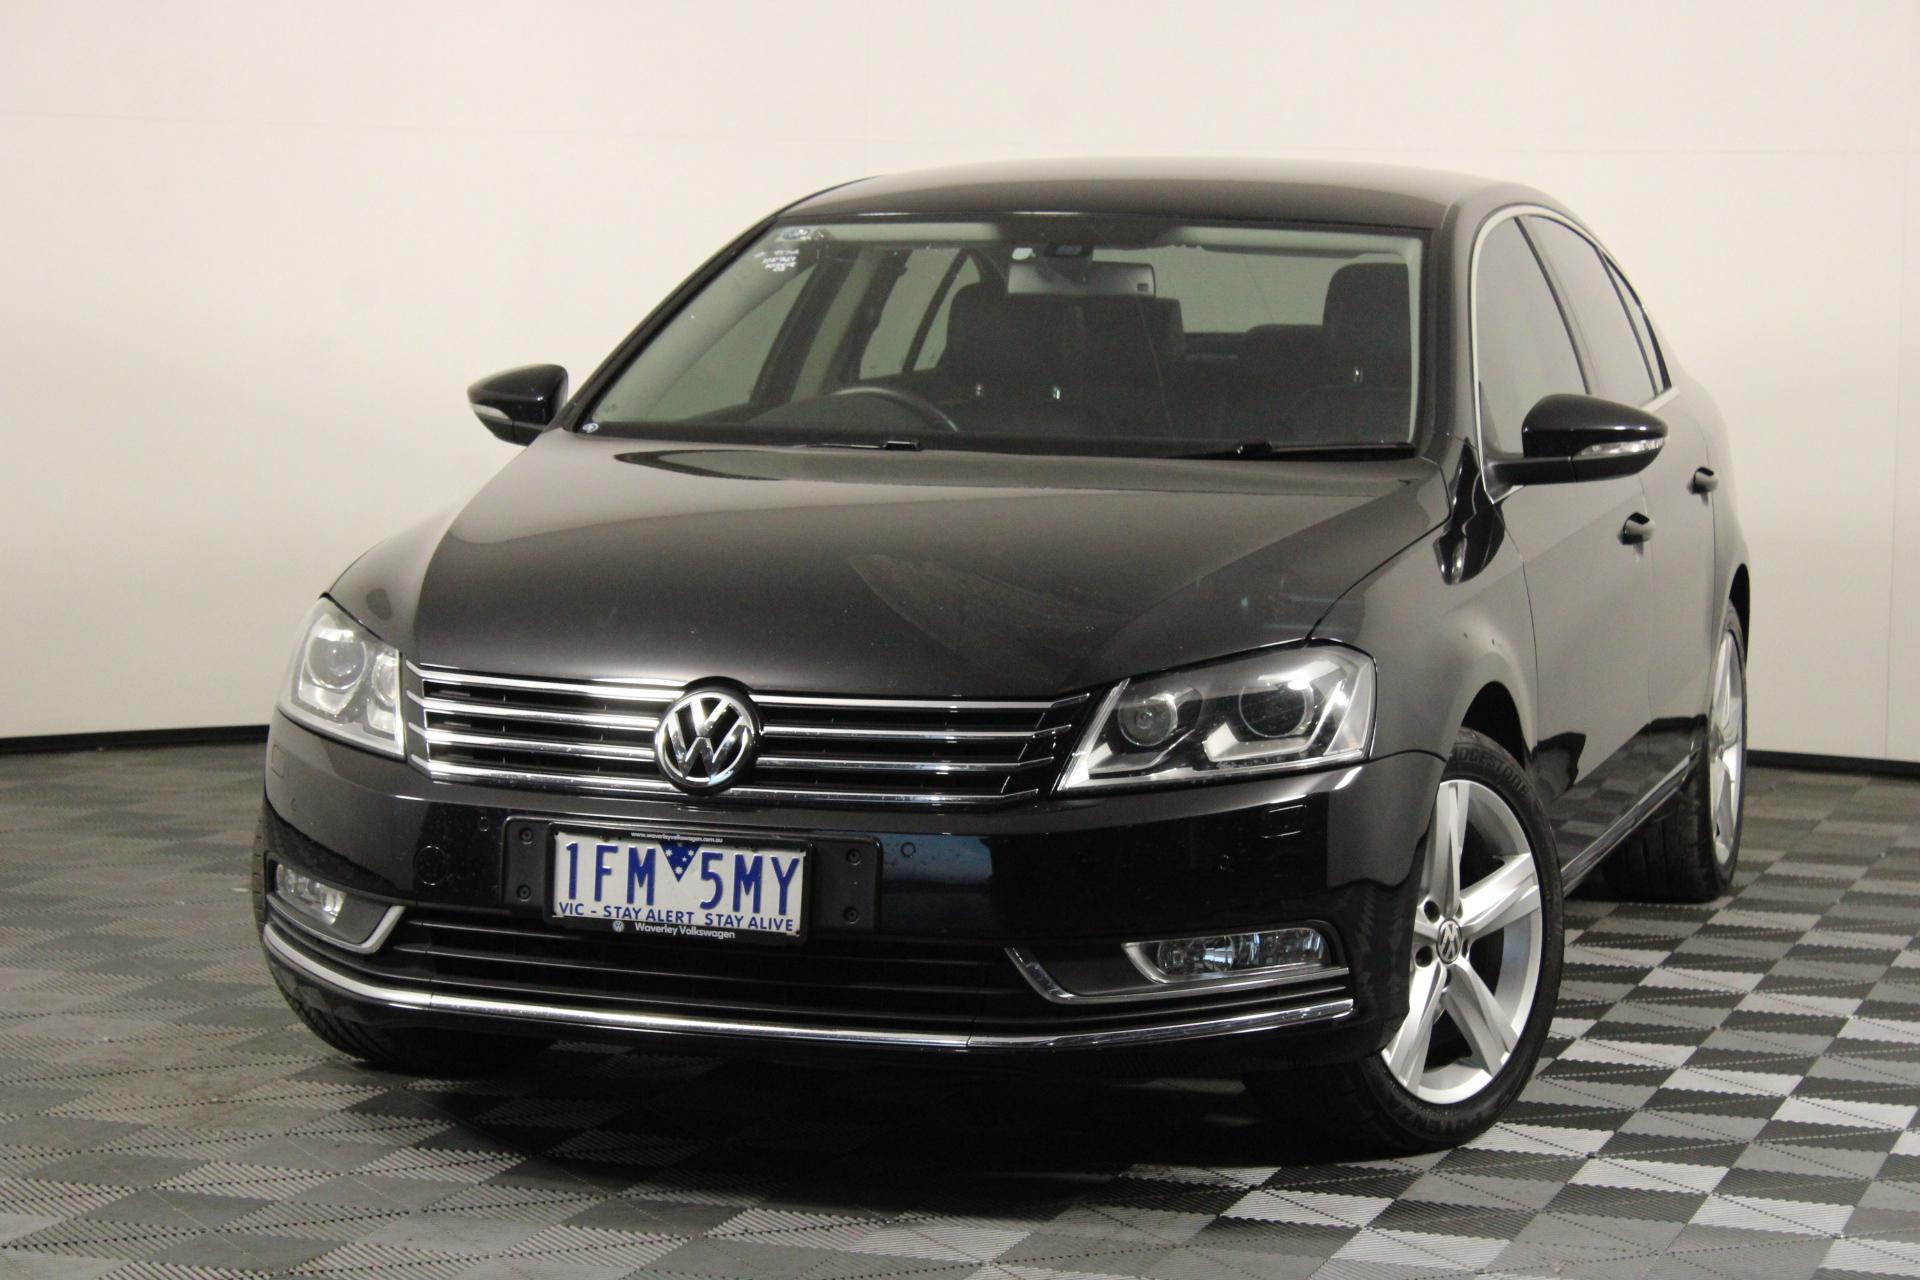 2015 Volkswagen Passat 118 TSI 3C Automatic Sedan